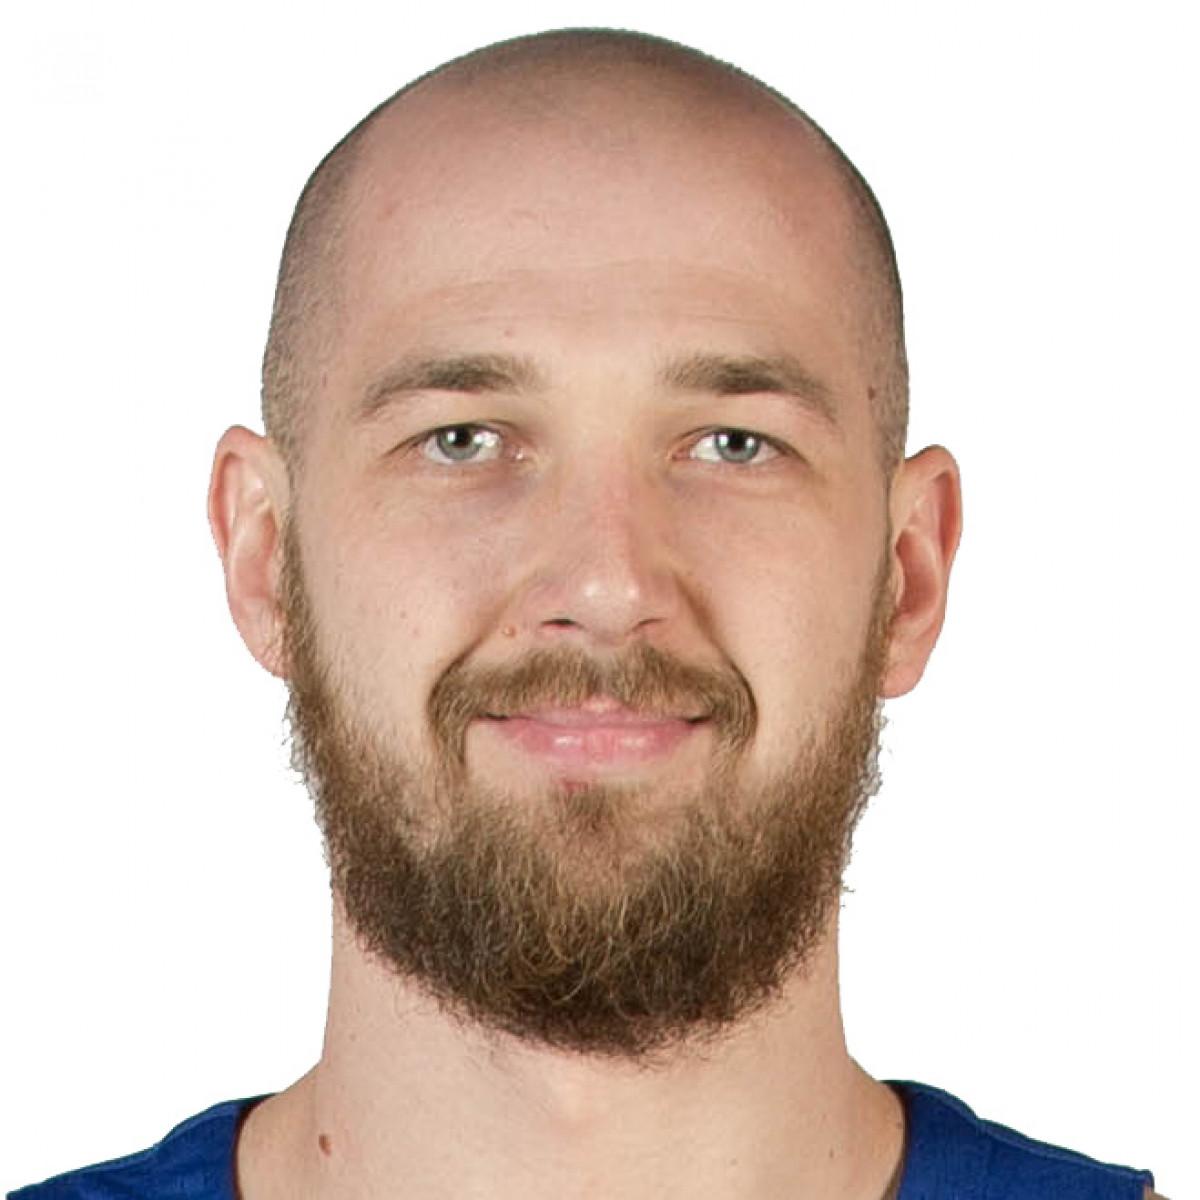 Pavel Korobkov